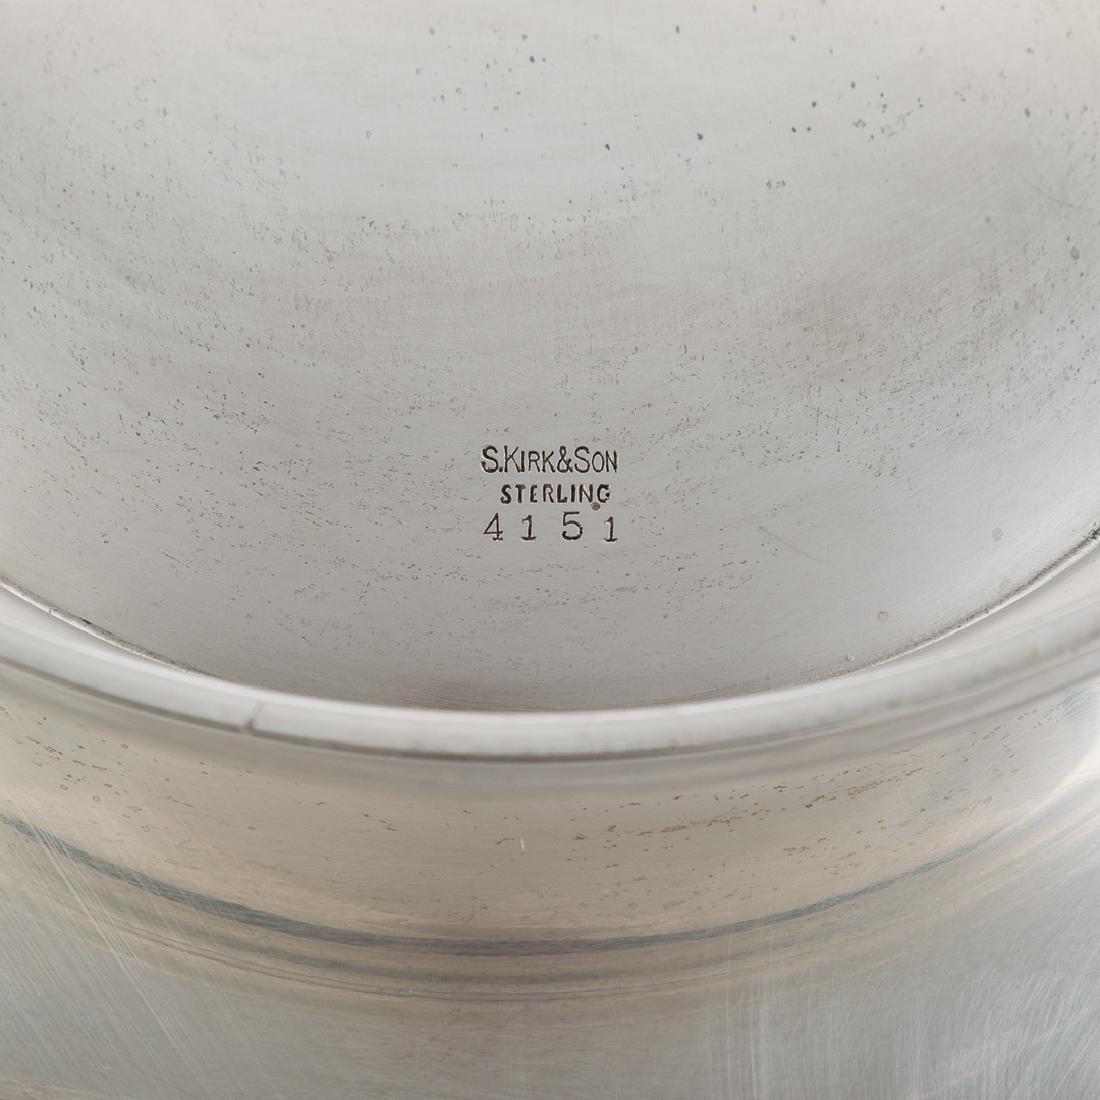 Kirk sterling silver Paul Revere bowl - 4